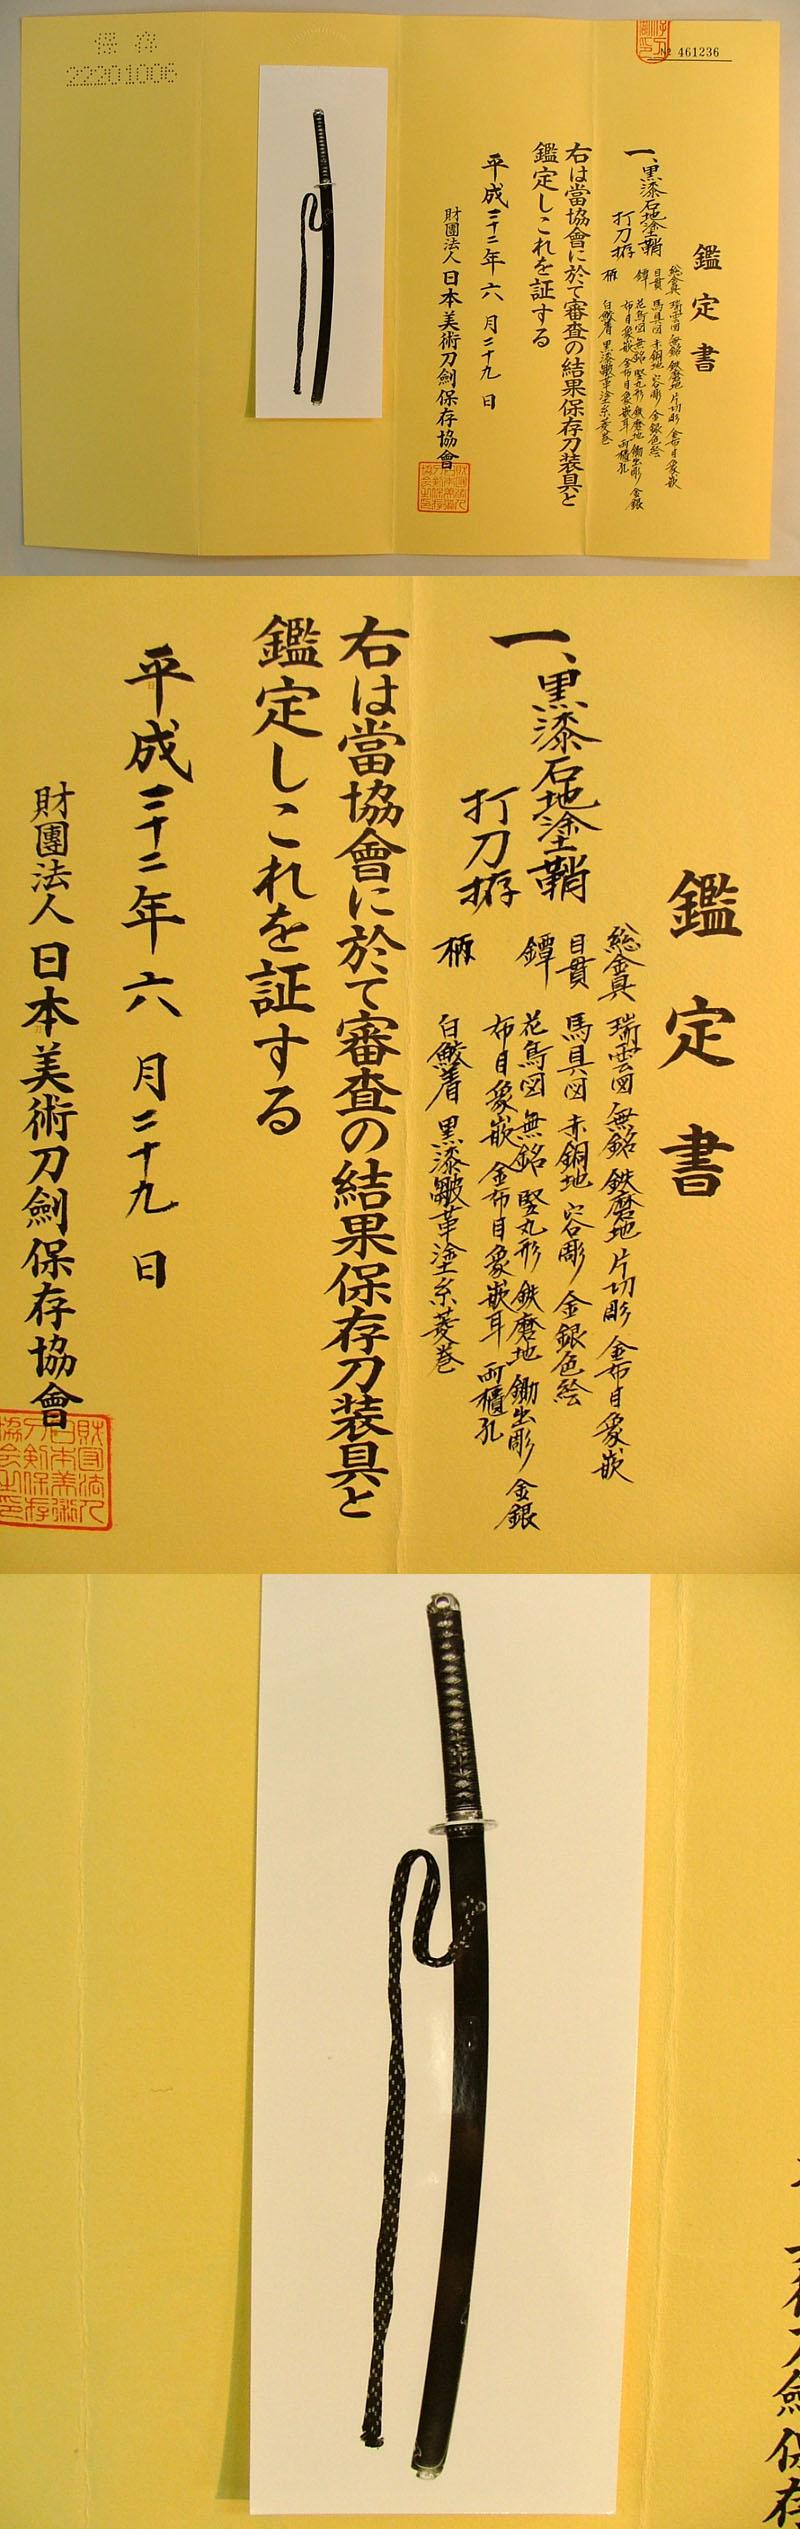 黒漆石地塗鞘打刀拵 Picture of Certificate